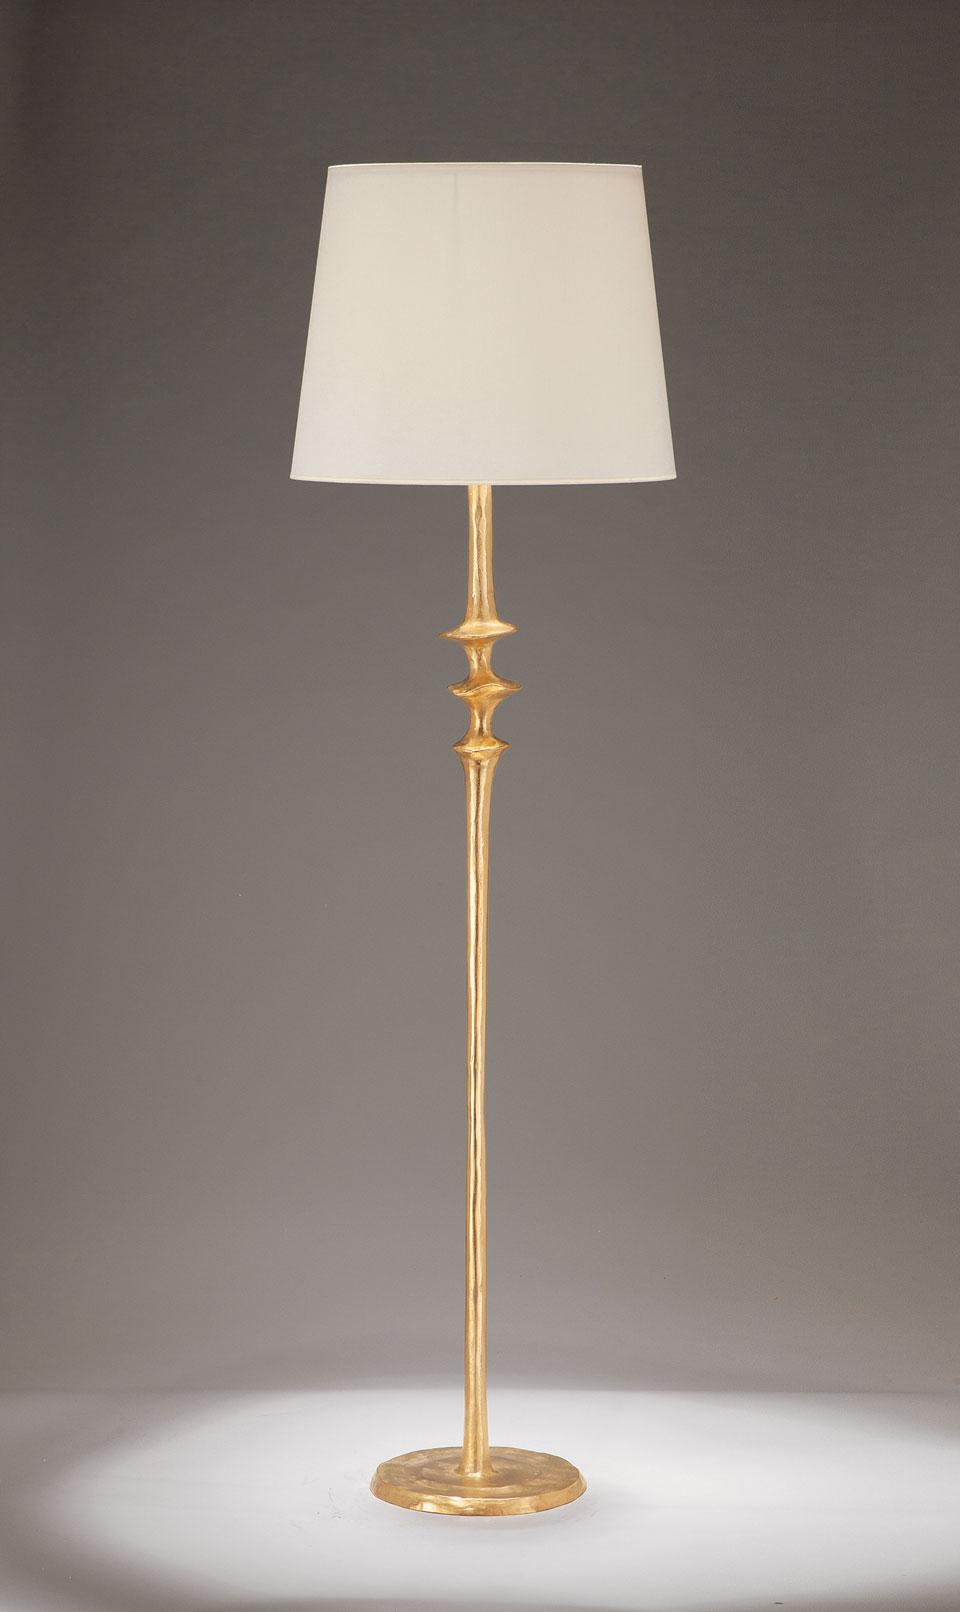 Lampadaire pied en bronze massif doré Mancha. Objet insolite.